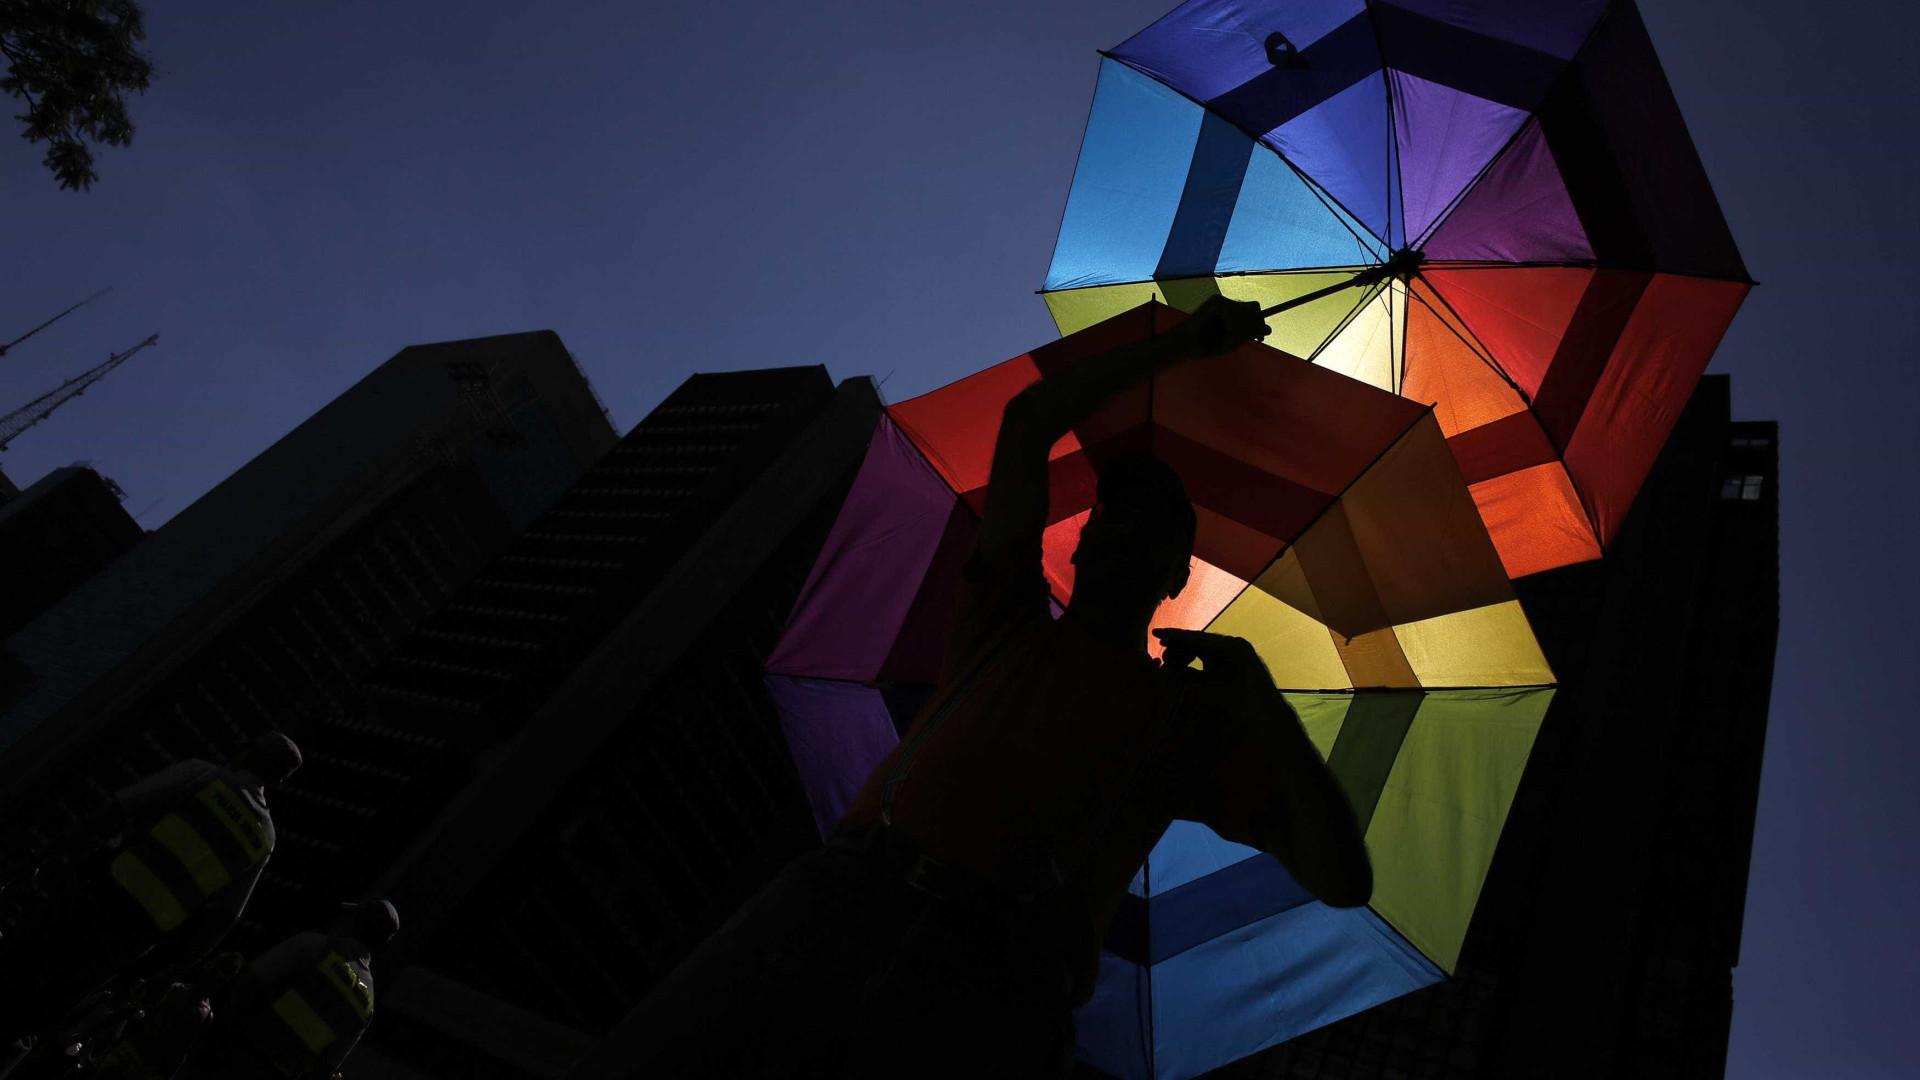 Em crise, bares gays nos EUA mudam estratégia